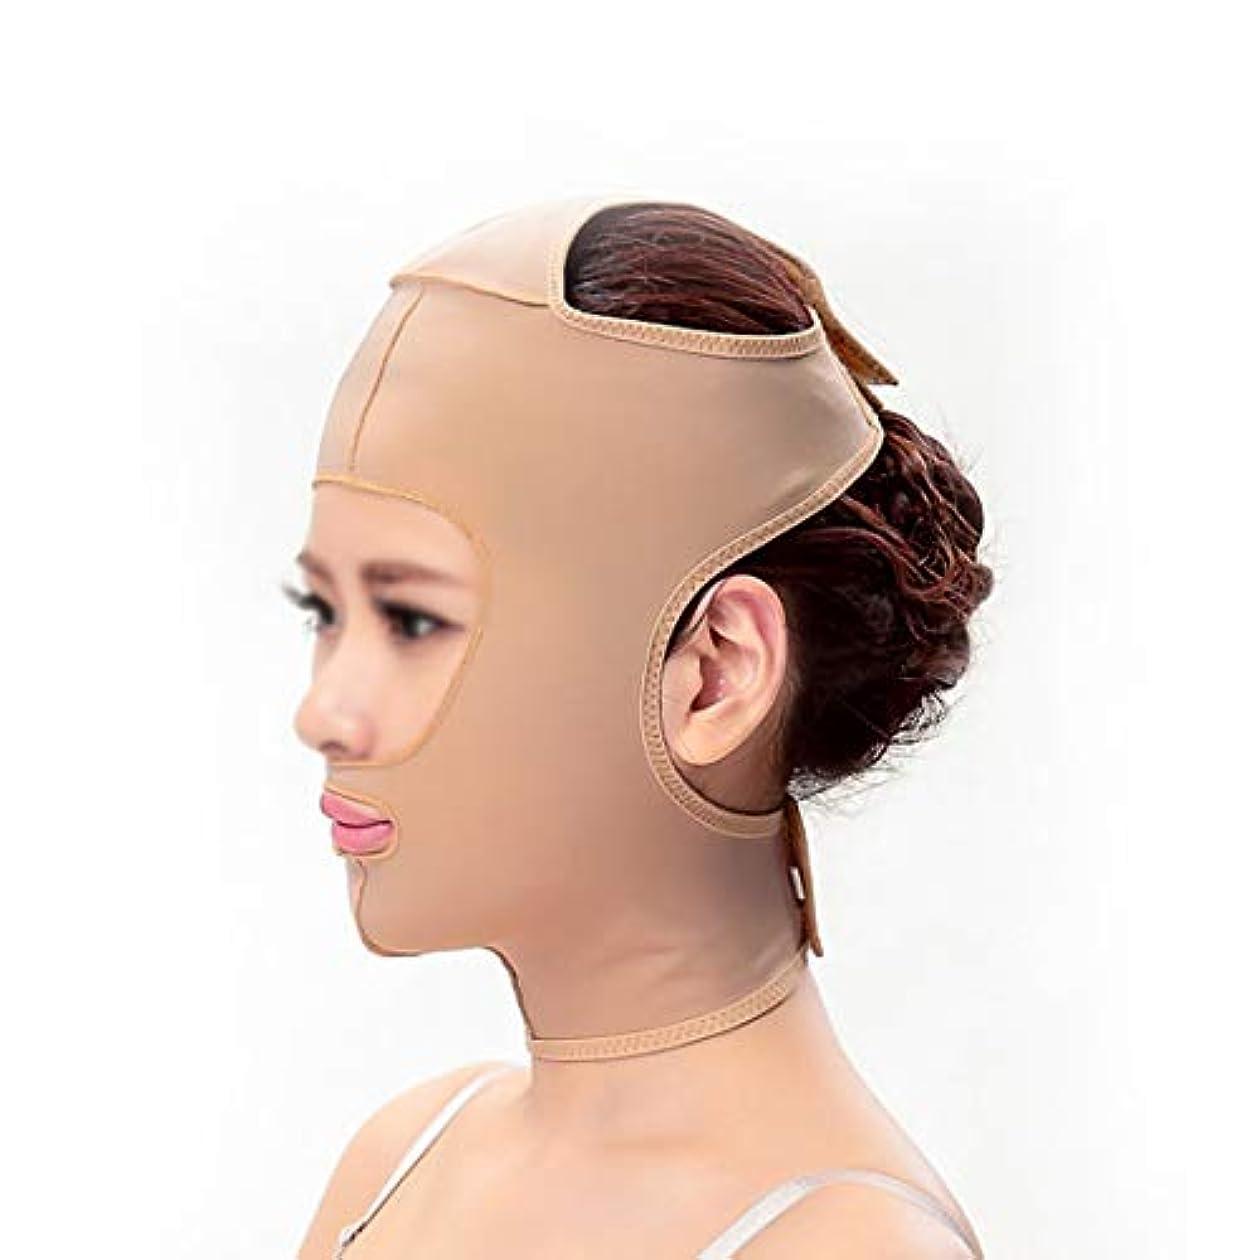 創造リダクター役員LJK 痩身ベルト、フェイシャルマスク薄いフェイスマスクを脇に持ち上げる二重あご引き締め顔面プラスチックフェイスアーティファクト強力なフェイス包帯 (Size : M)